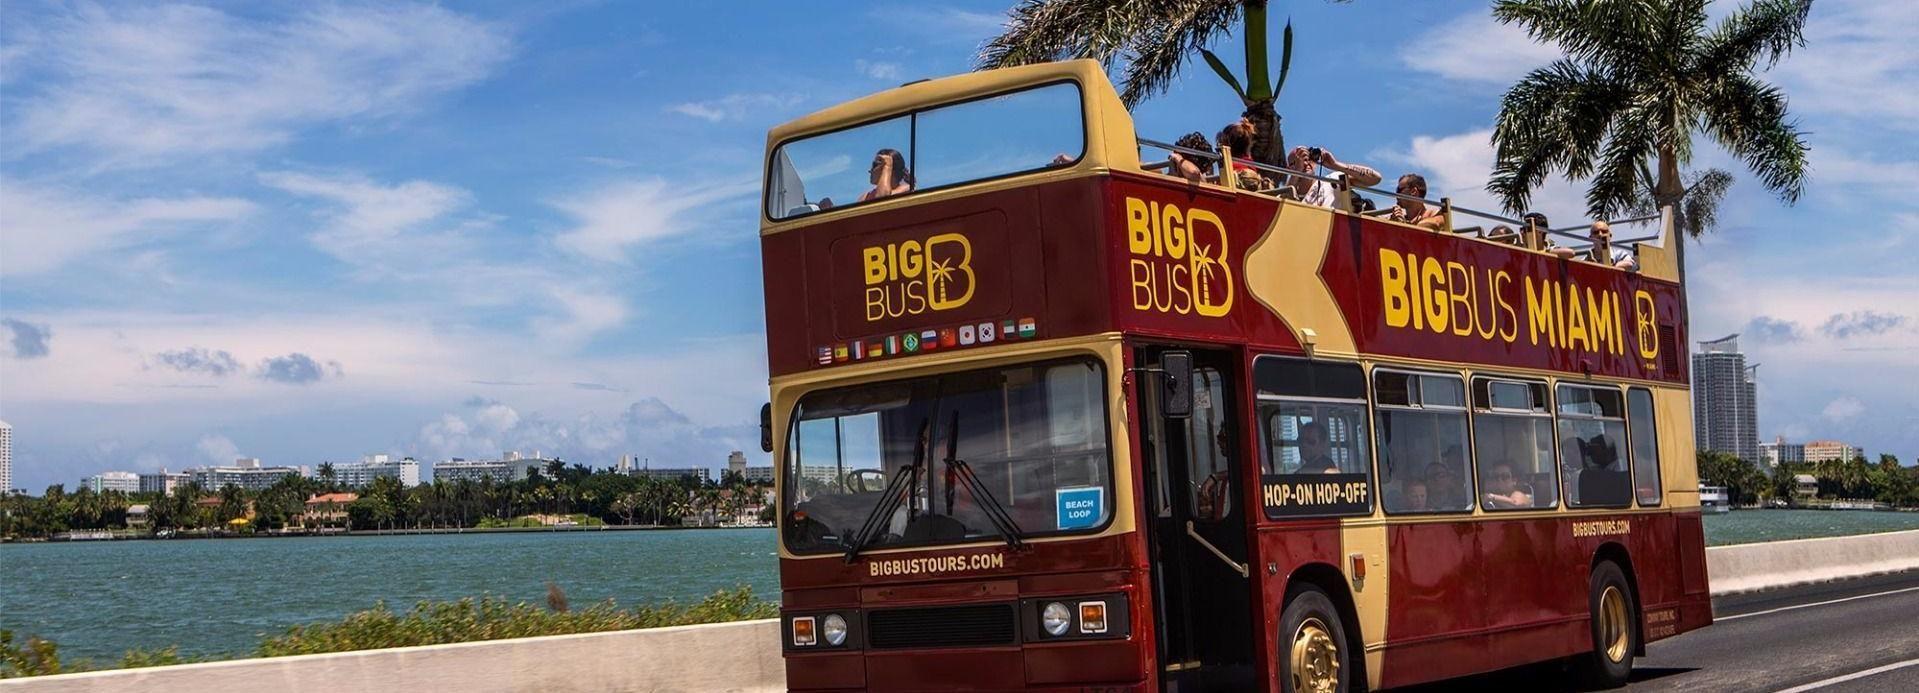 Miami: recorrido turístico Big Bus en autobús descapotable